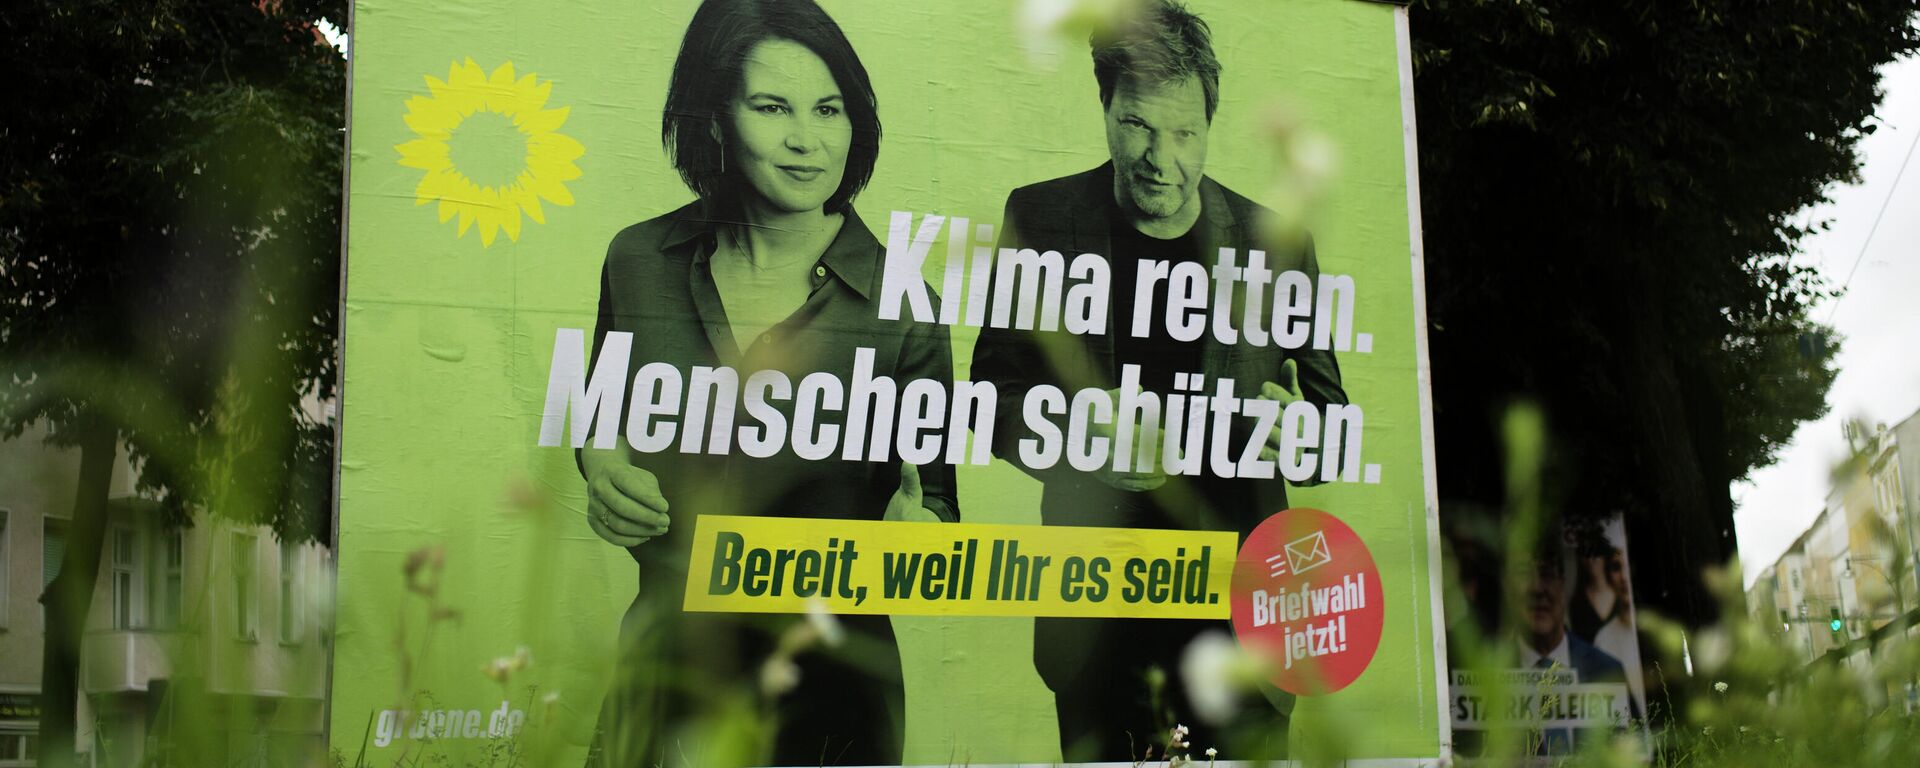 Γερμανικές εκλογές - Αφίσες με μήνυμα Κρεμάστε τους Πράσινους - Sputnik Ελλάδα, 1920, 15.09.2021